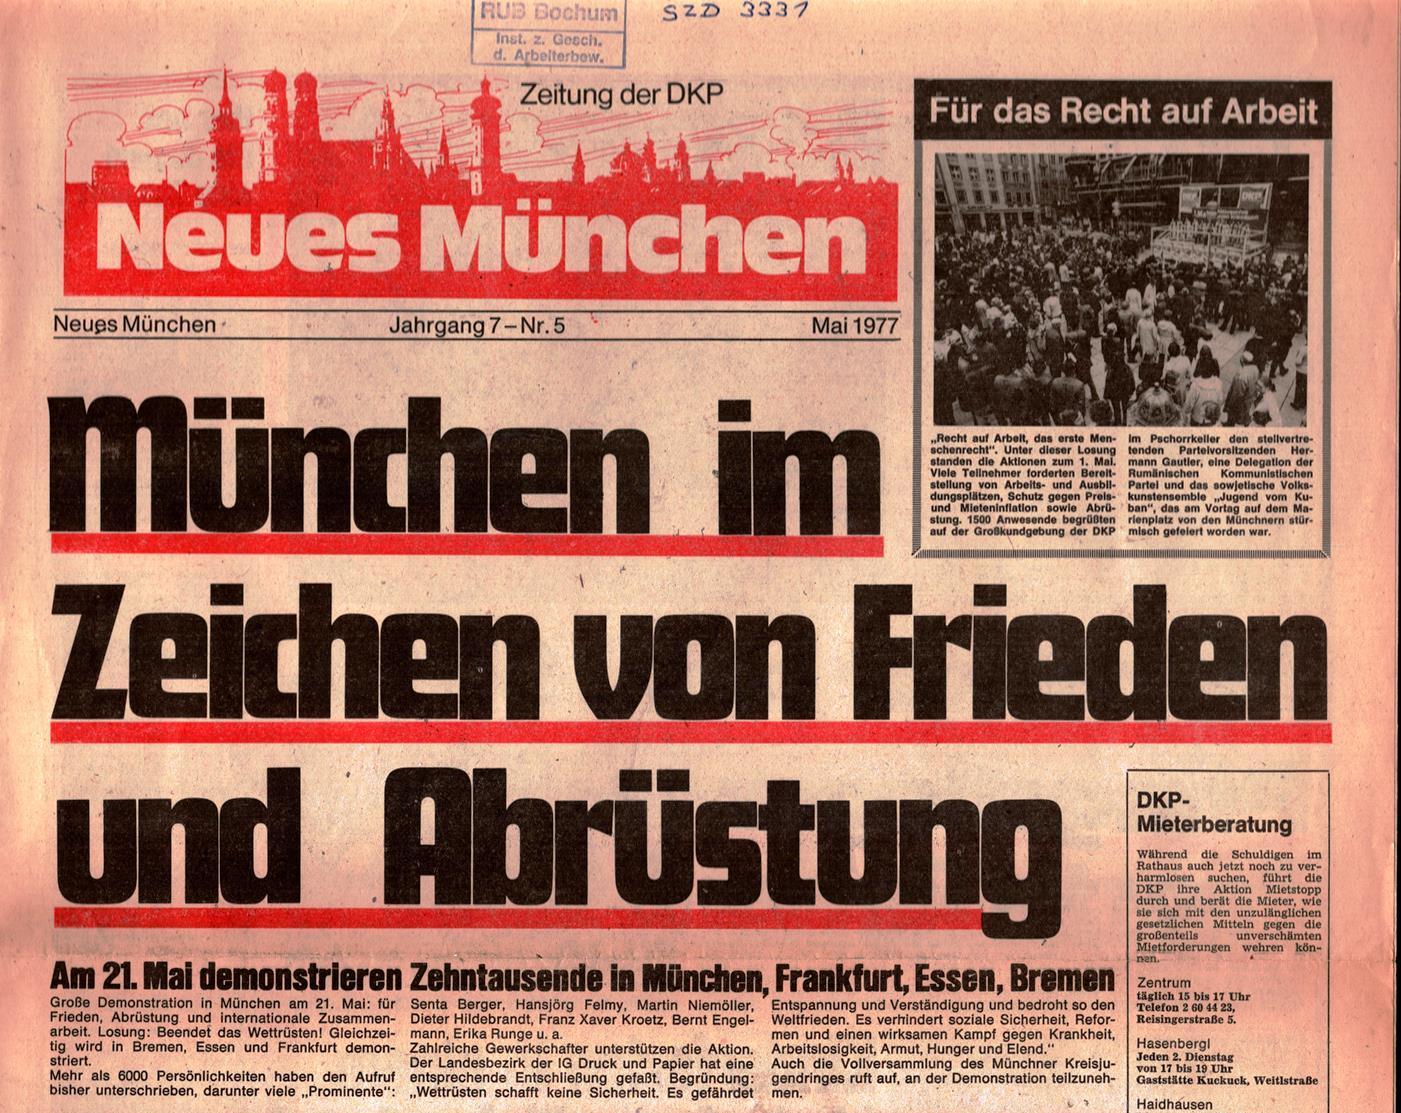 Muenchen_DKP_Neues_Muenchen_19770500_005_001